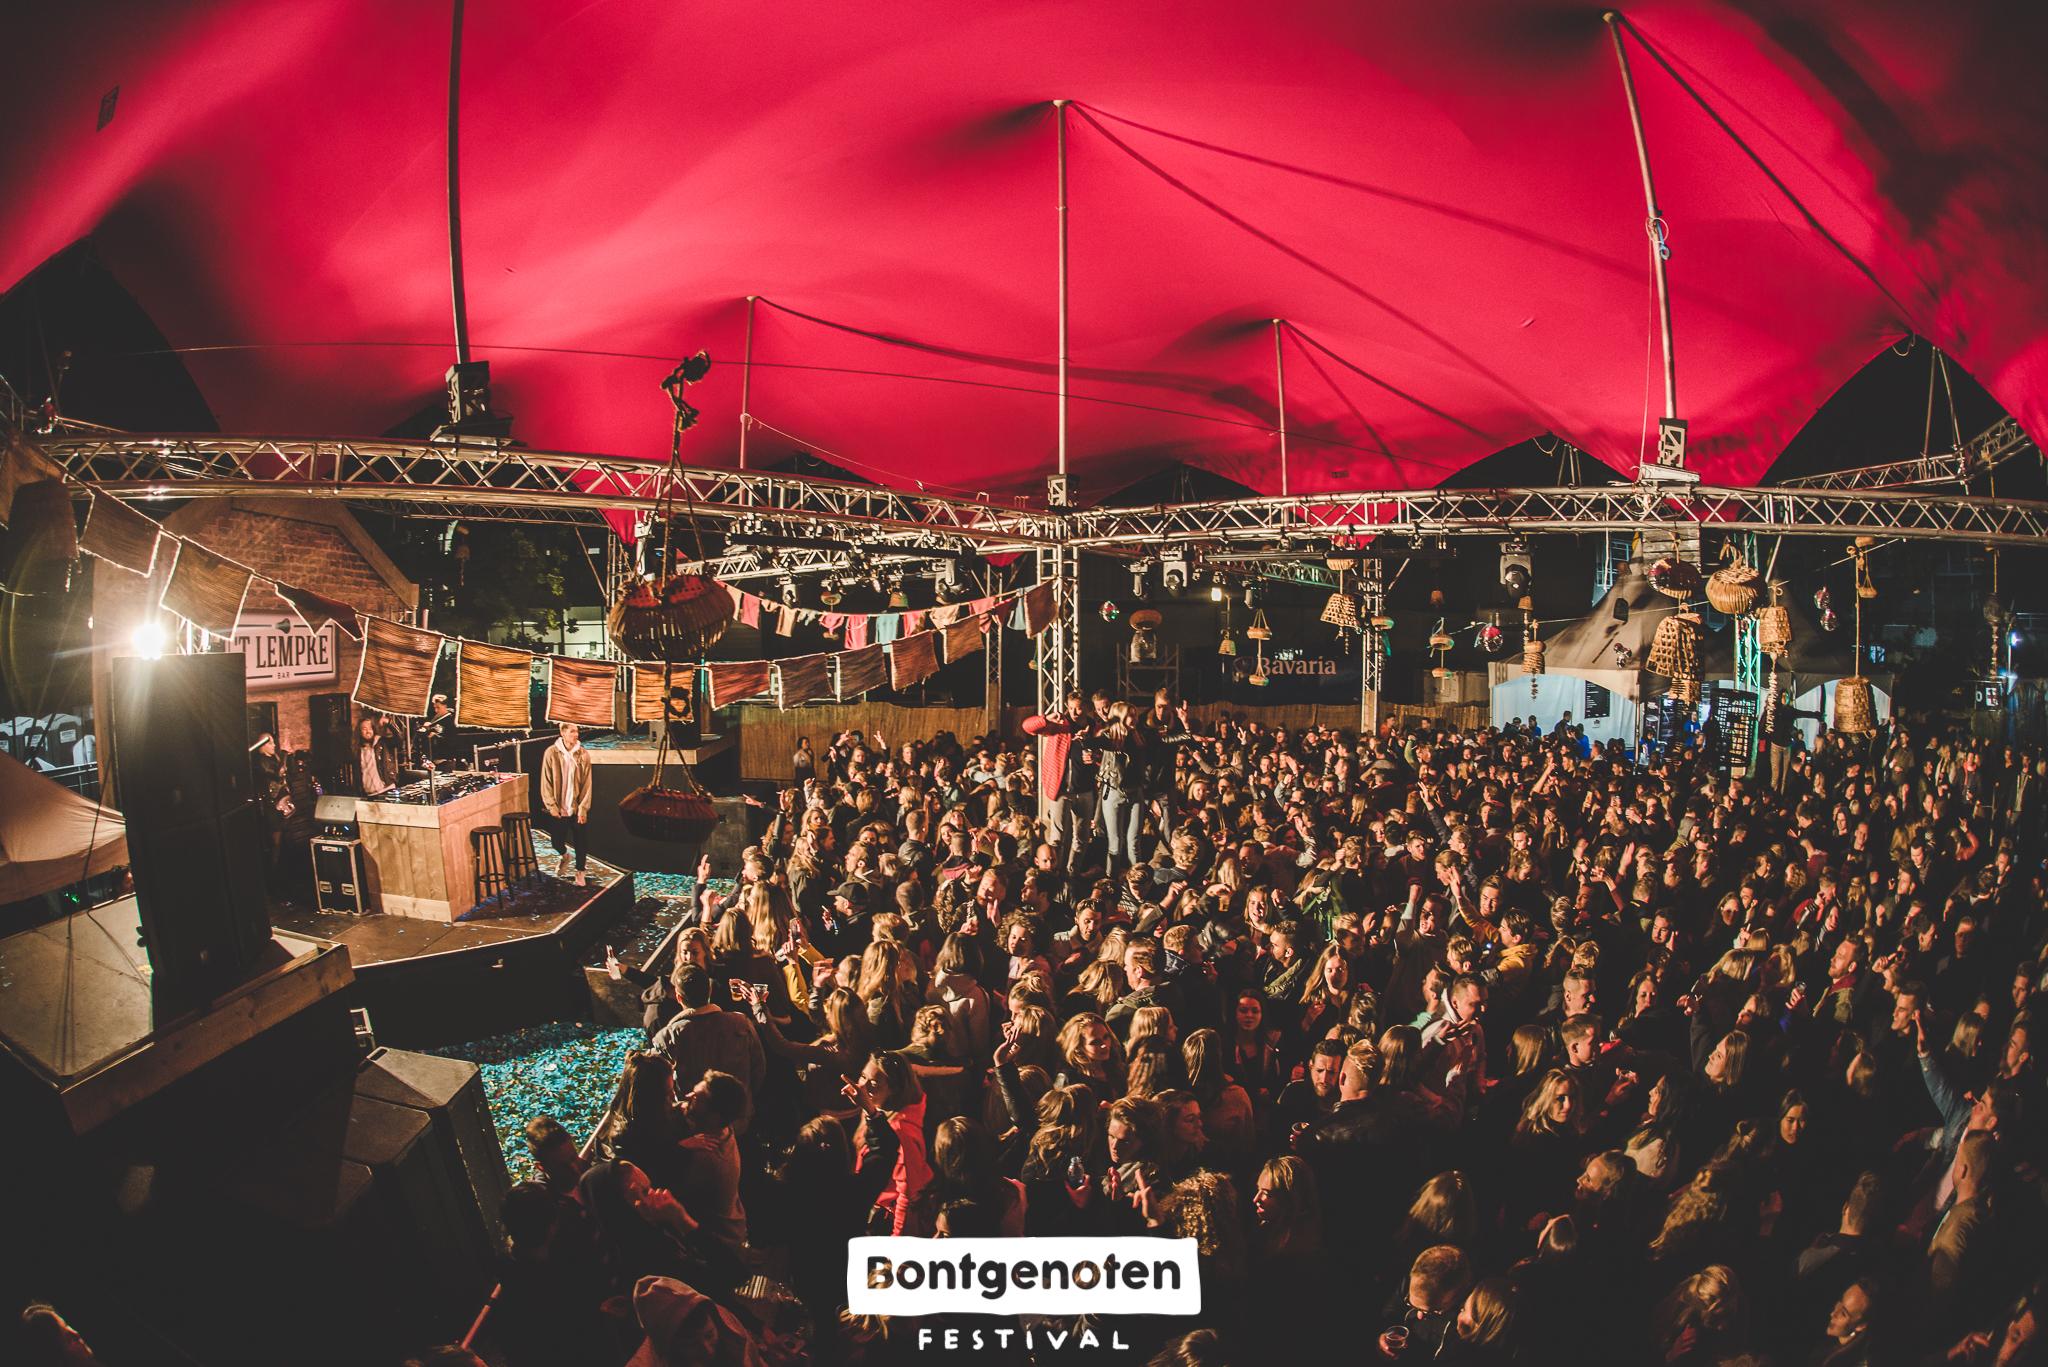 Bontgenoten Festival 2019